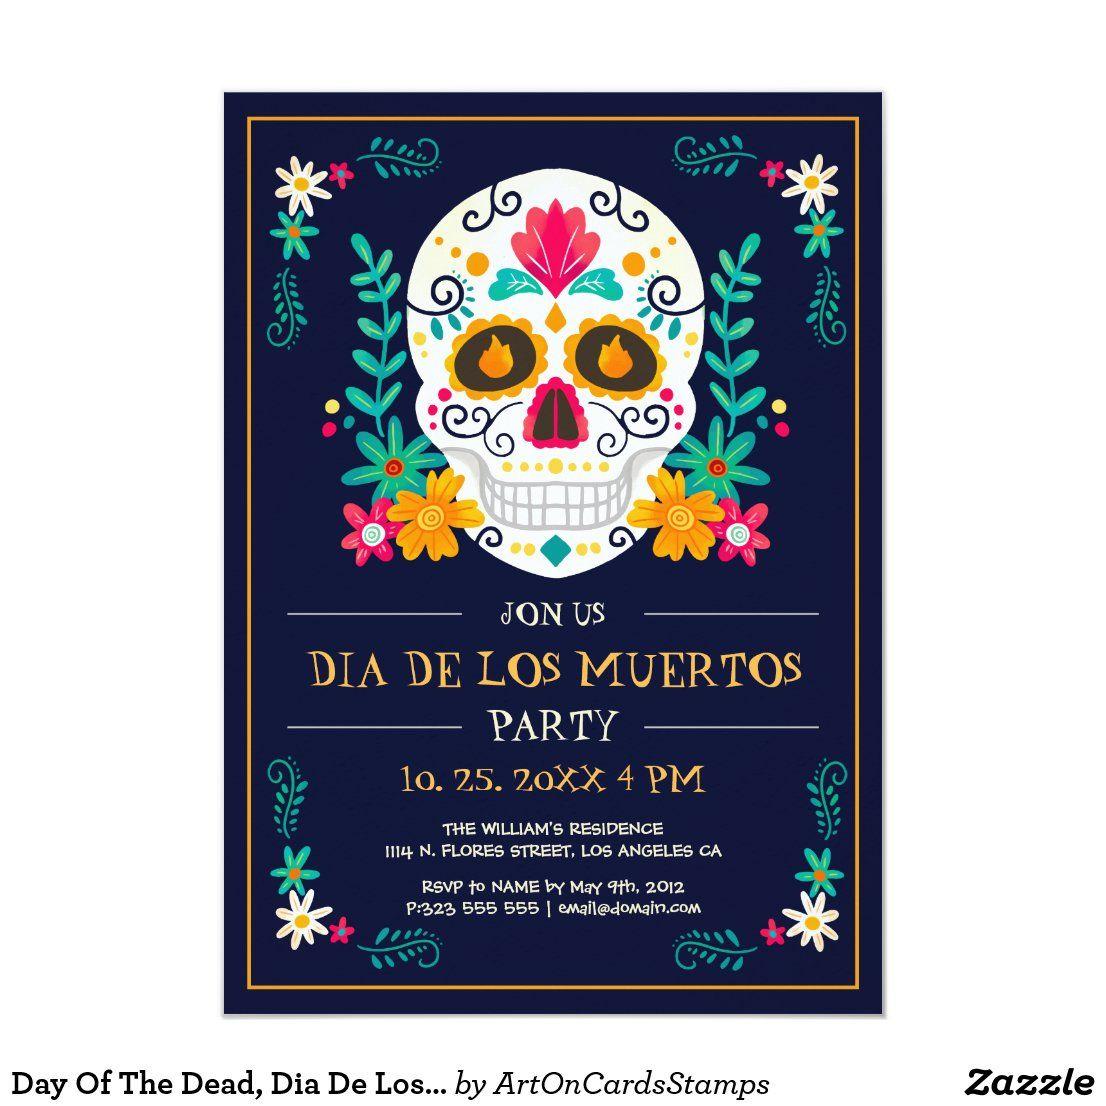 Day Of The Dead, Dia De Los Muertos Party Invite